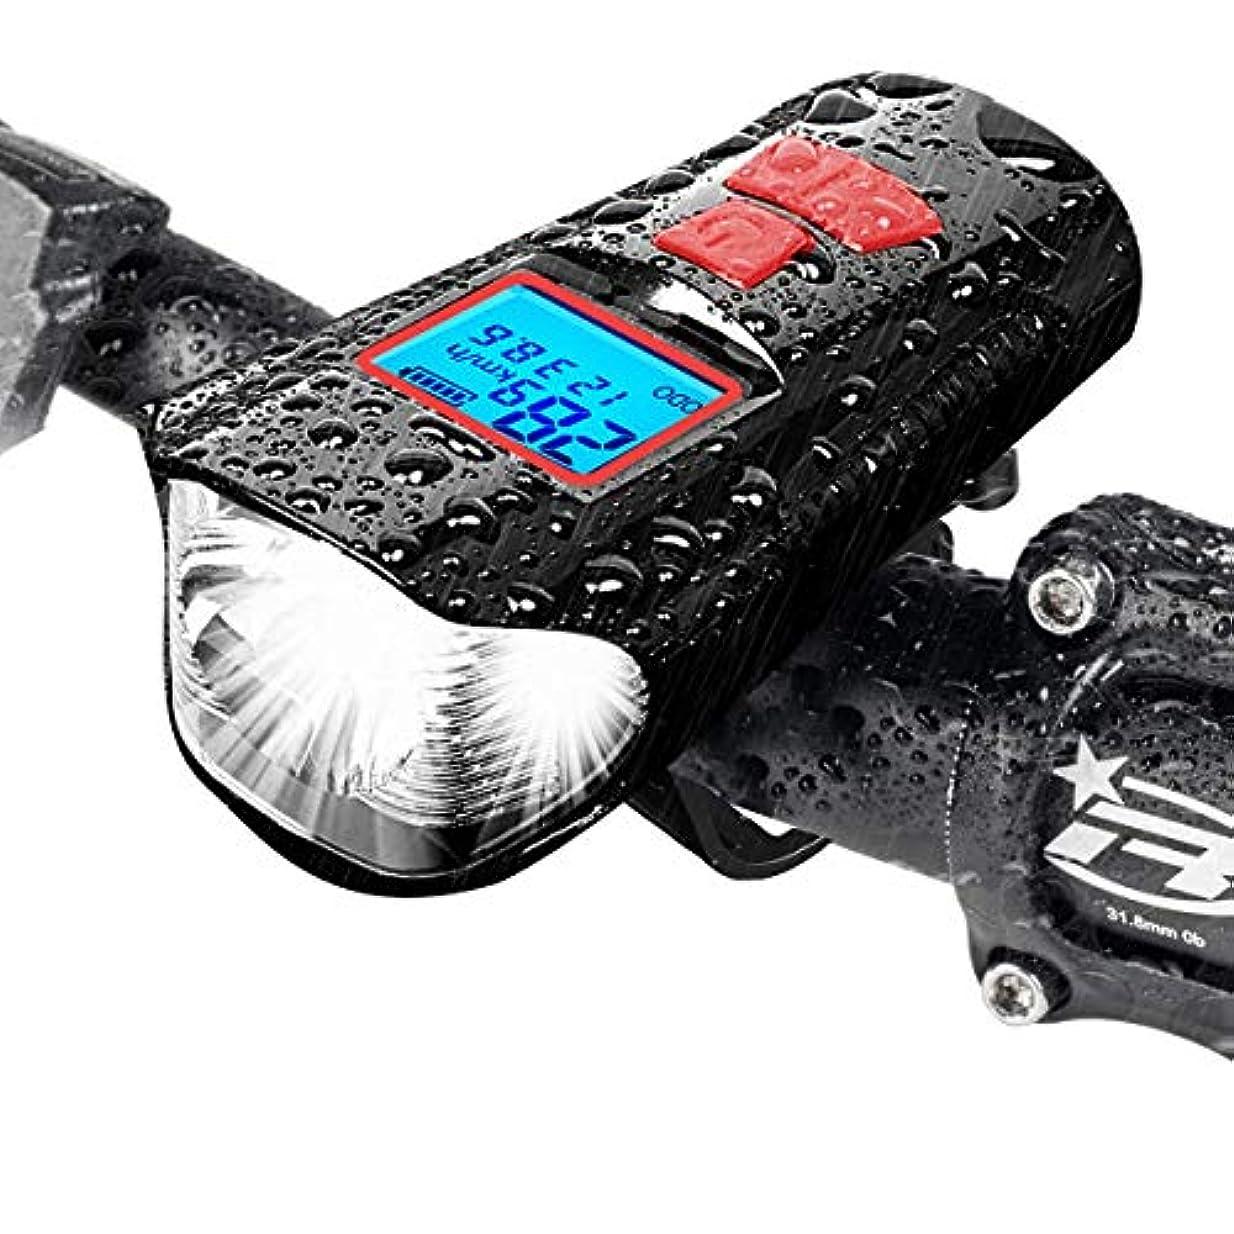 岸多用途乱暴な自転車 ライト、サイクルコンピュータ 自転車、USB 充電式 LED 自転車 ヘッドライト、ライトモード4種類、防水耐震取り付けが簡易1500MHA電池容量夜間乗り、キャンプ、ハイキング、冒険、釣りに最適です